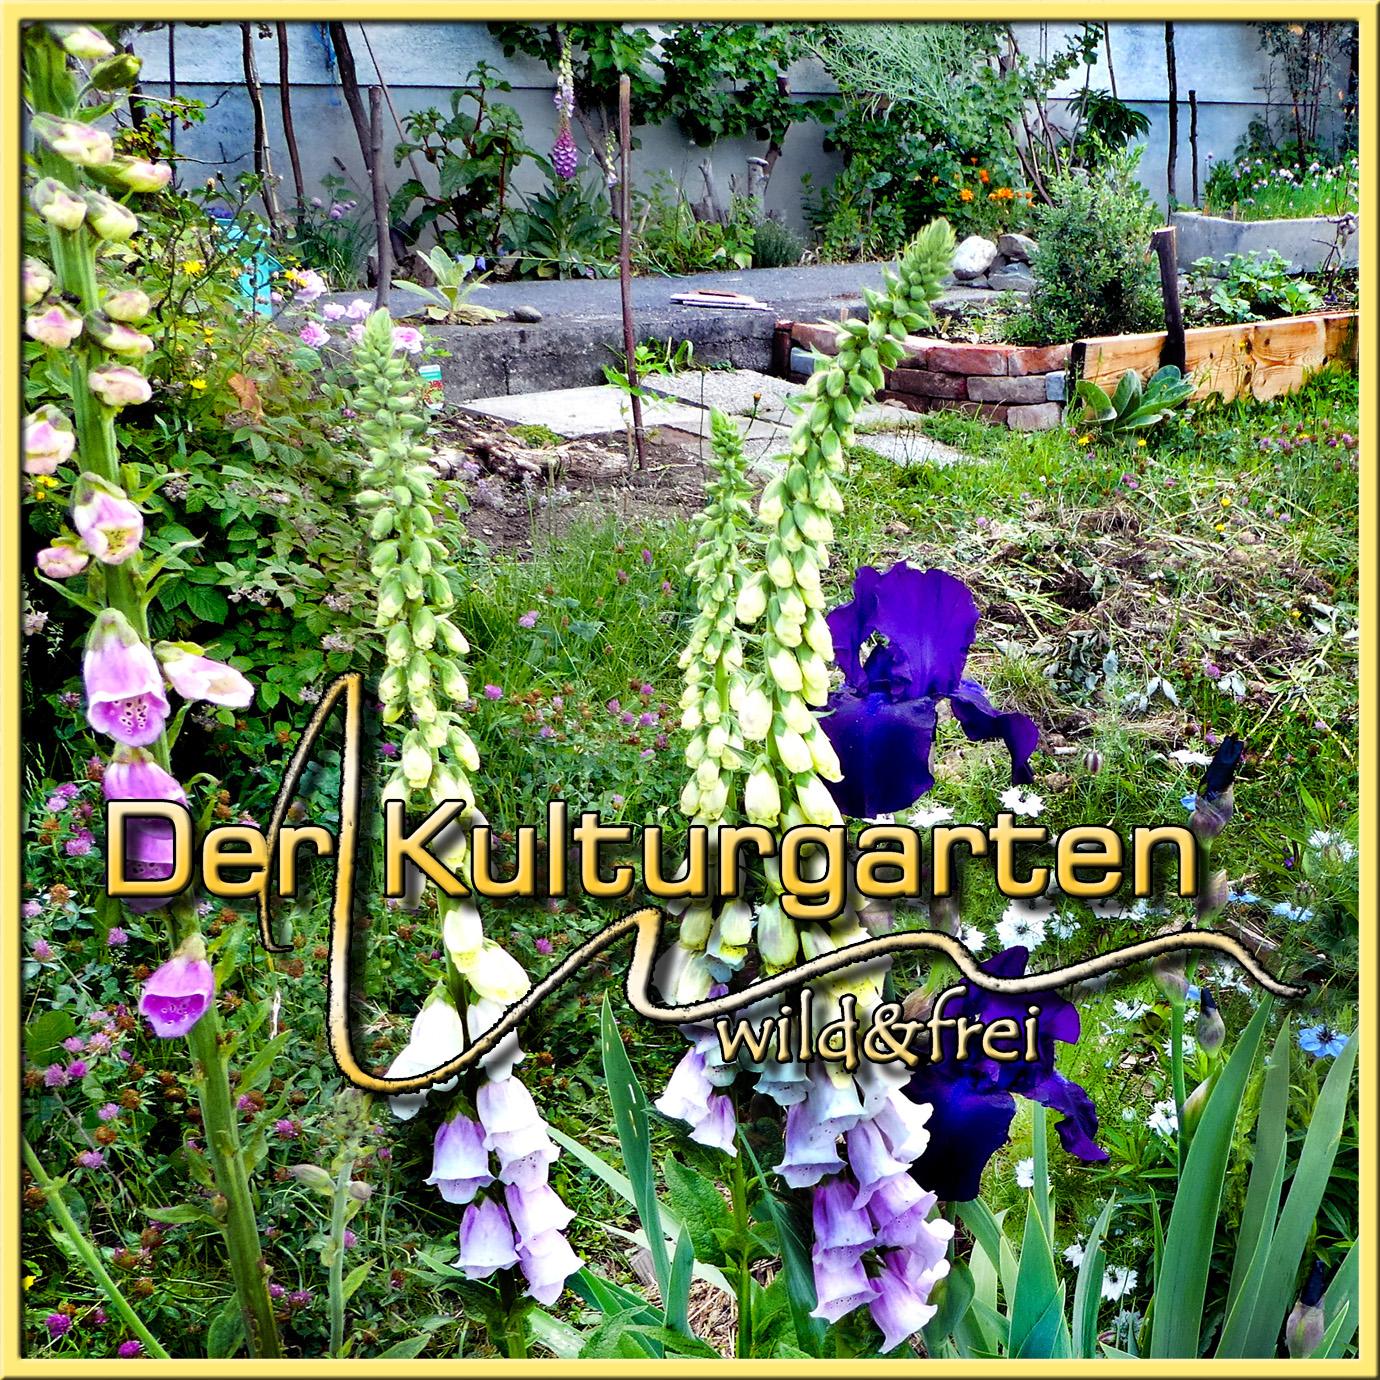 Der Kulturgarten wild und frei